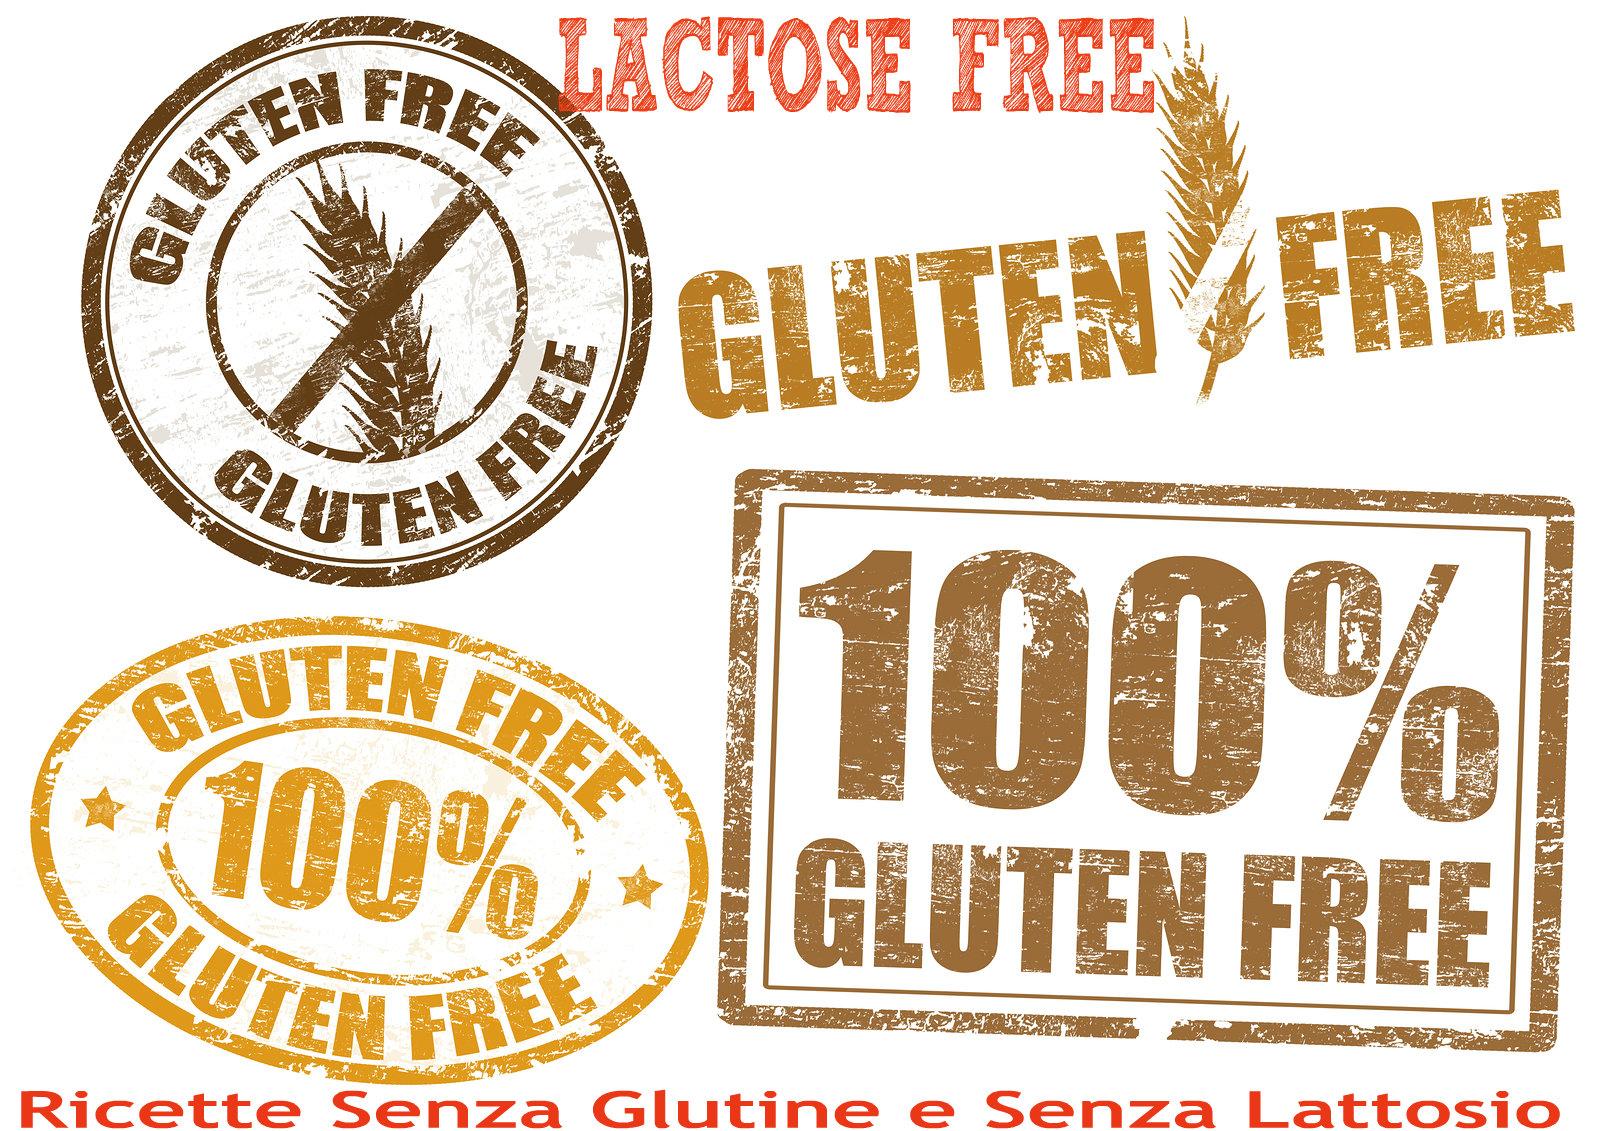 ricette senza glutine e lattosio, gluten free, lactose free, latte di mandorla blog